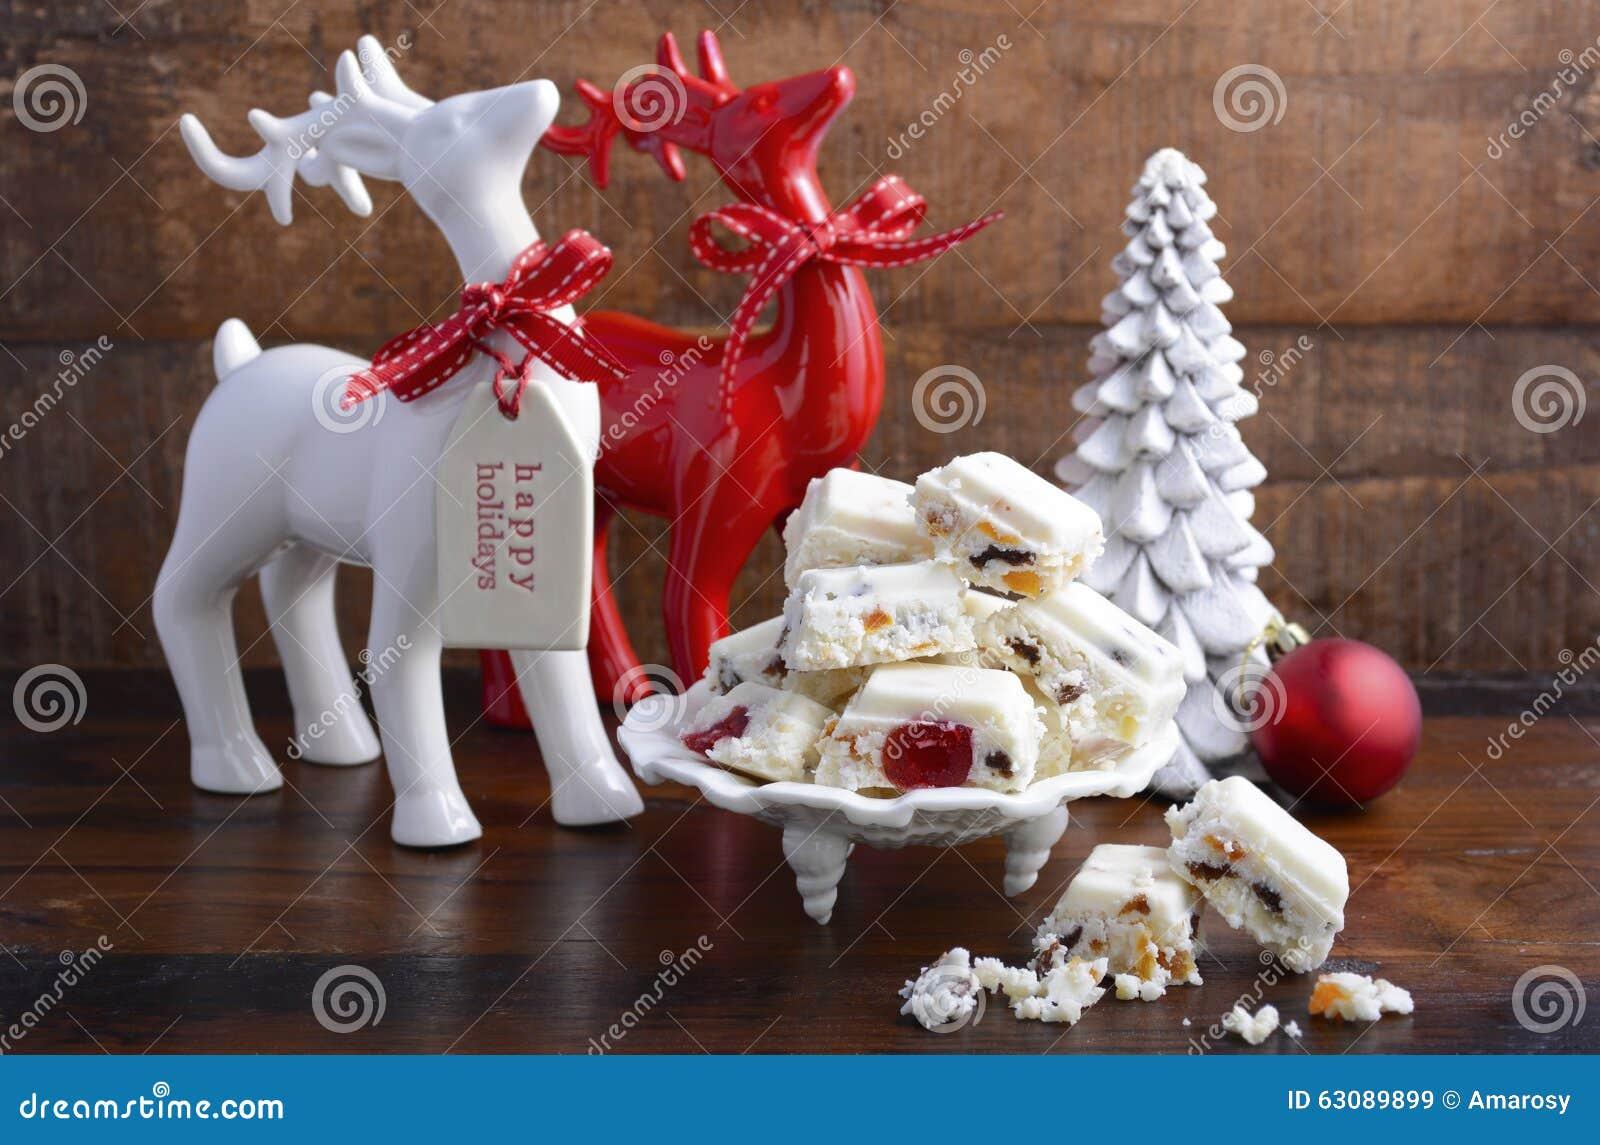 Download Sucrerie Traditionnelle De Noël Blanc Image stock - Image du tentation, noel: 63089899